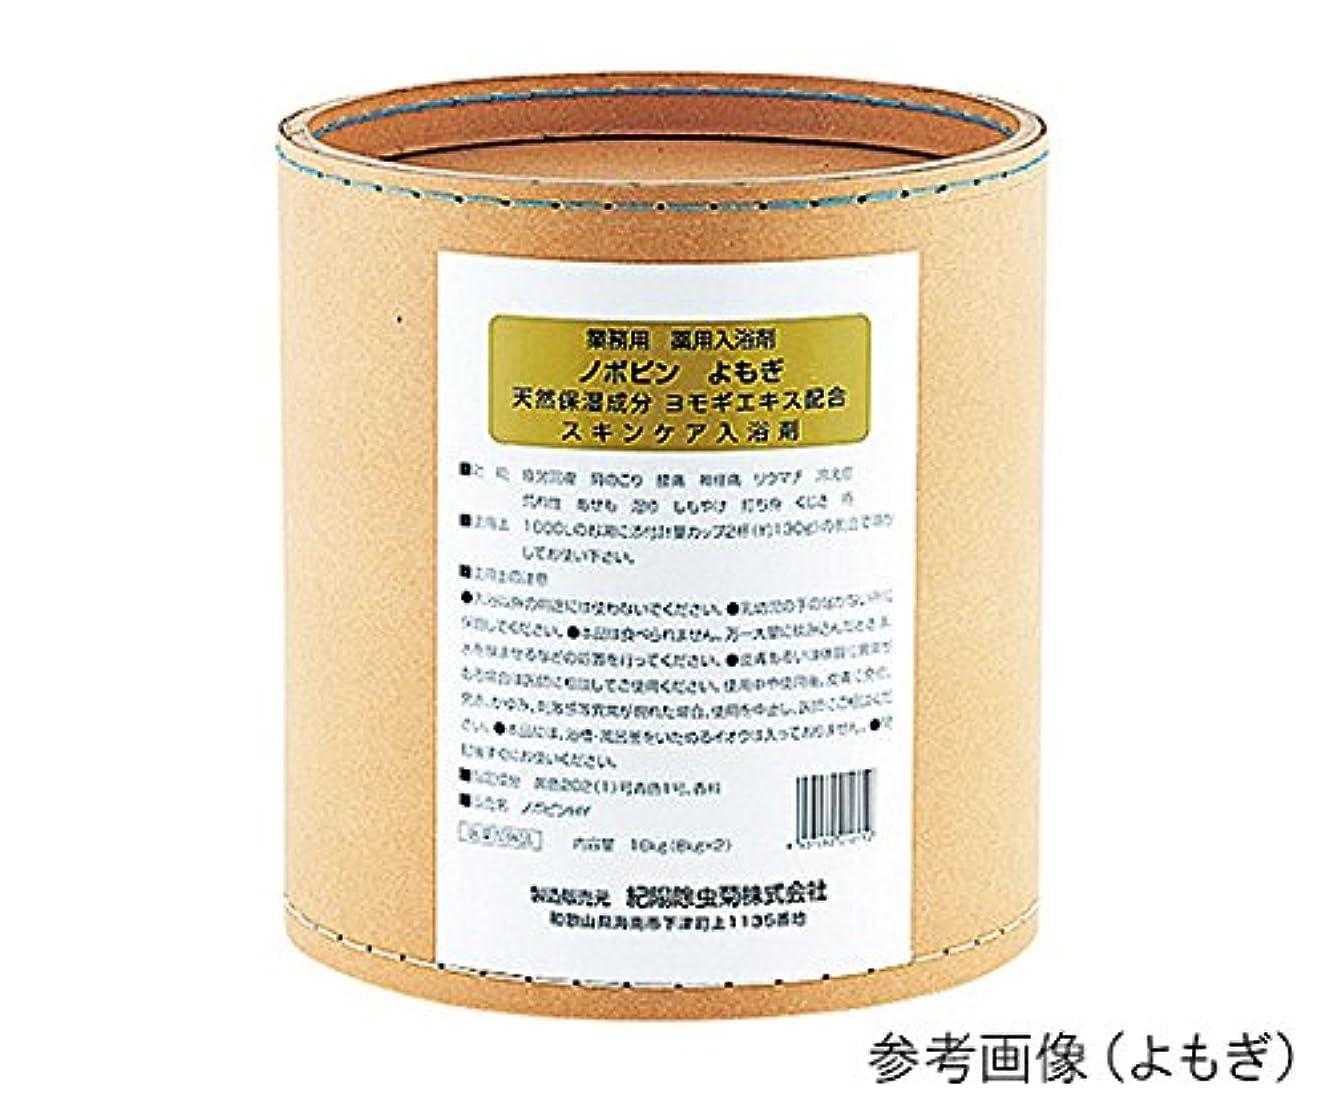 早める慢ポーズ紀陽除虫菊7-2541-02業務用薬用入浴剤(ノボピン)アロエ(8kg×2個入)